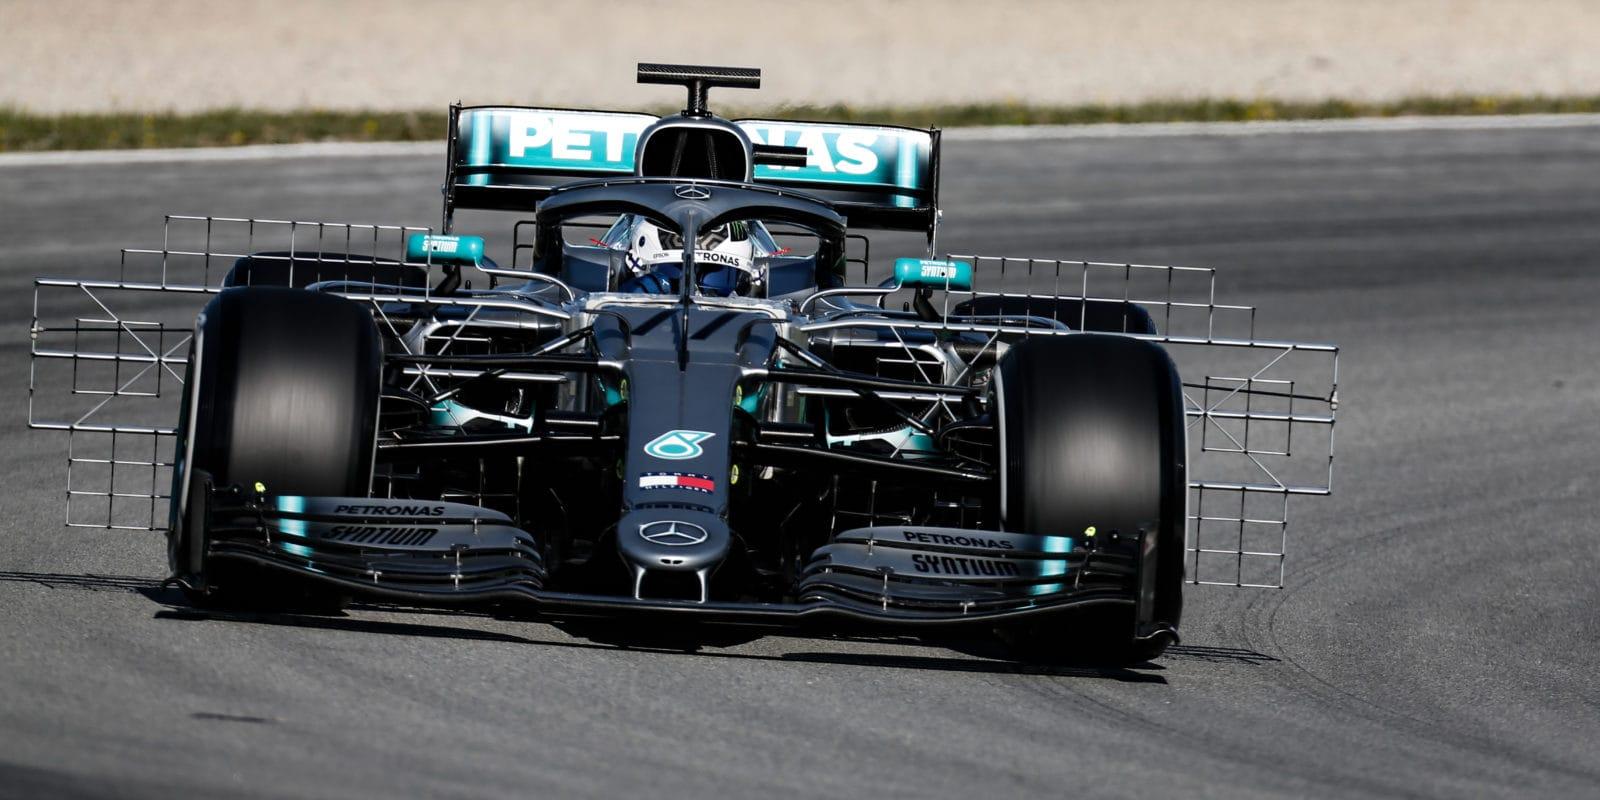 Testy: Bottas nejrychlejší s náskokem 1,4 sekundy